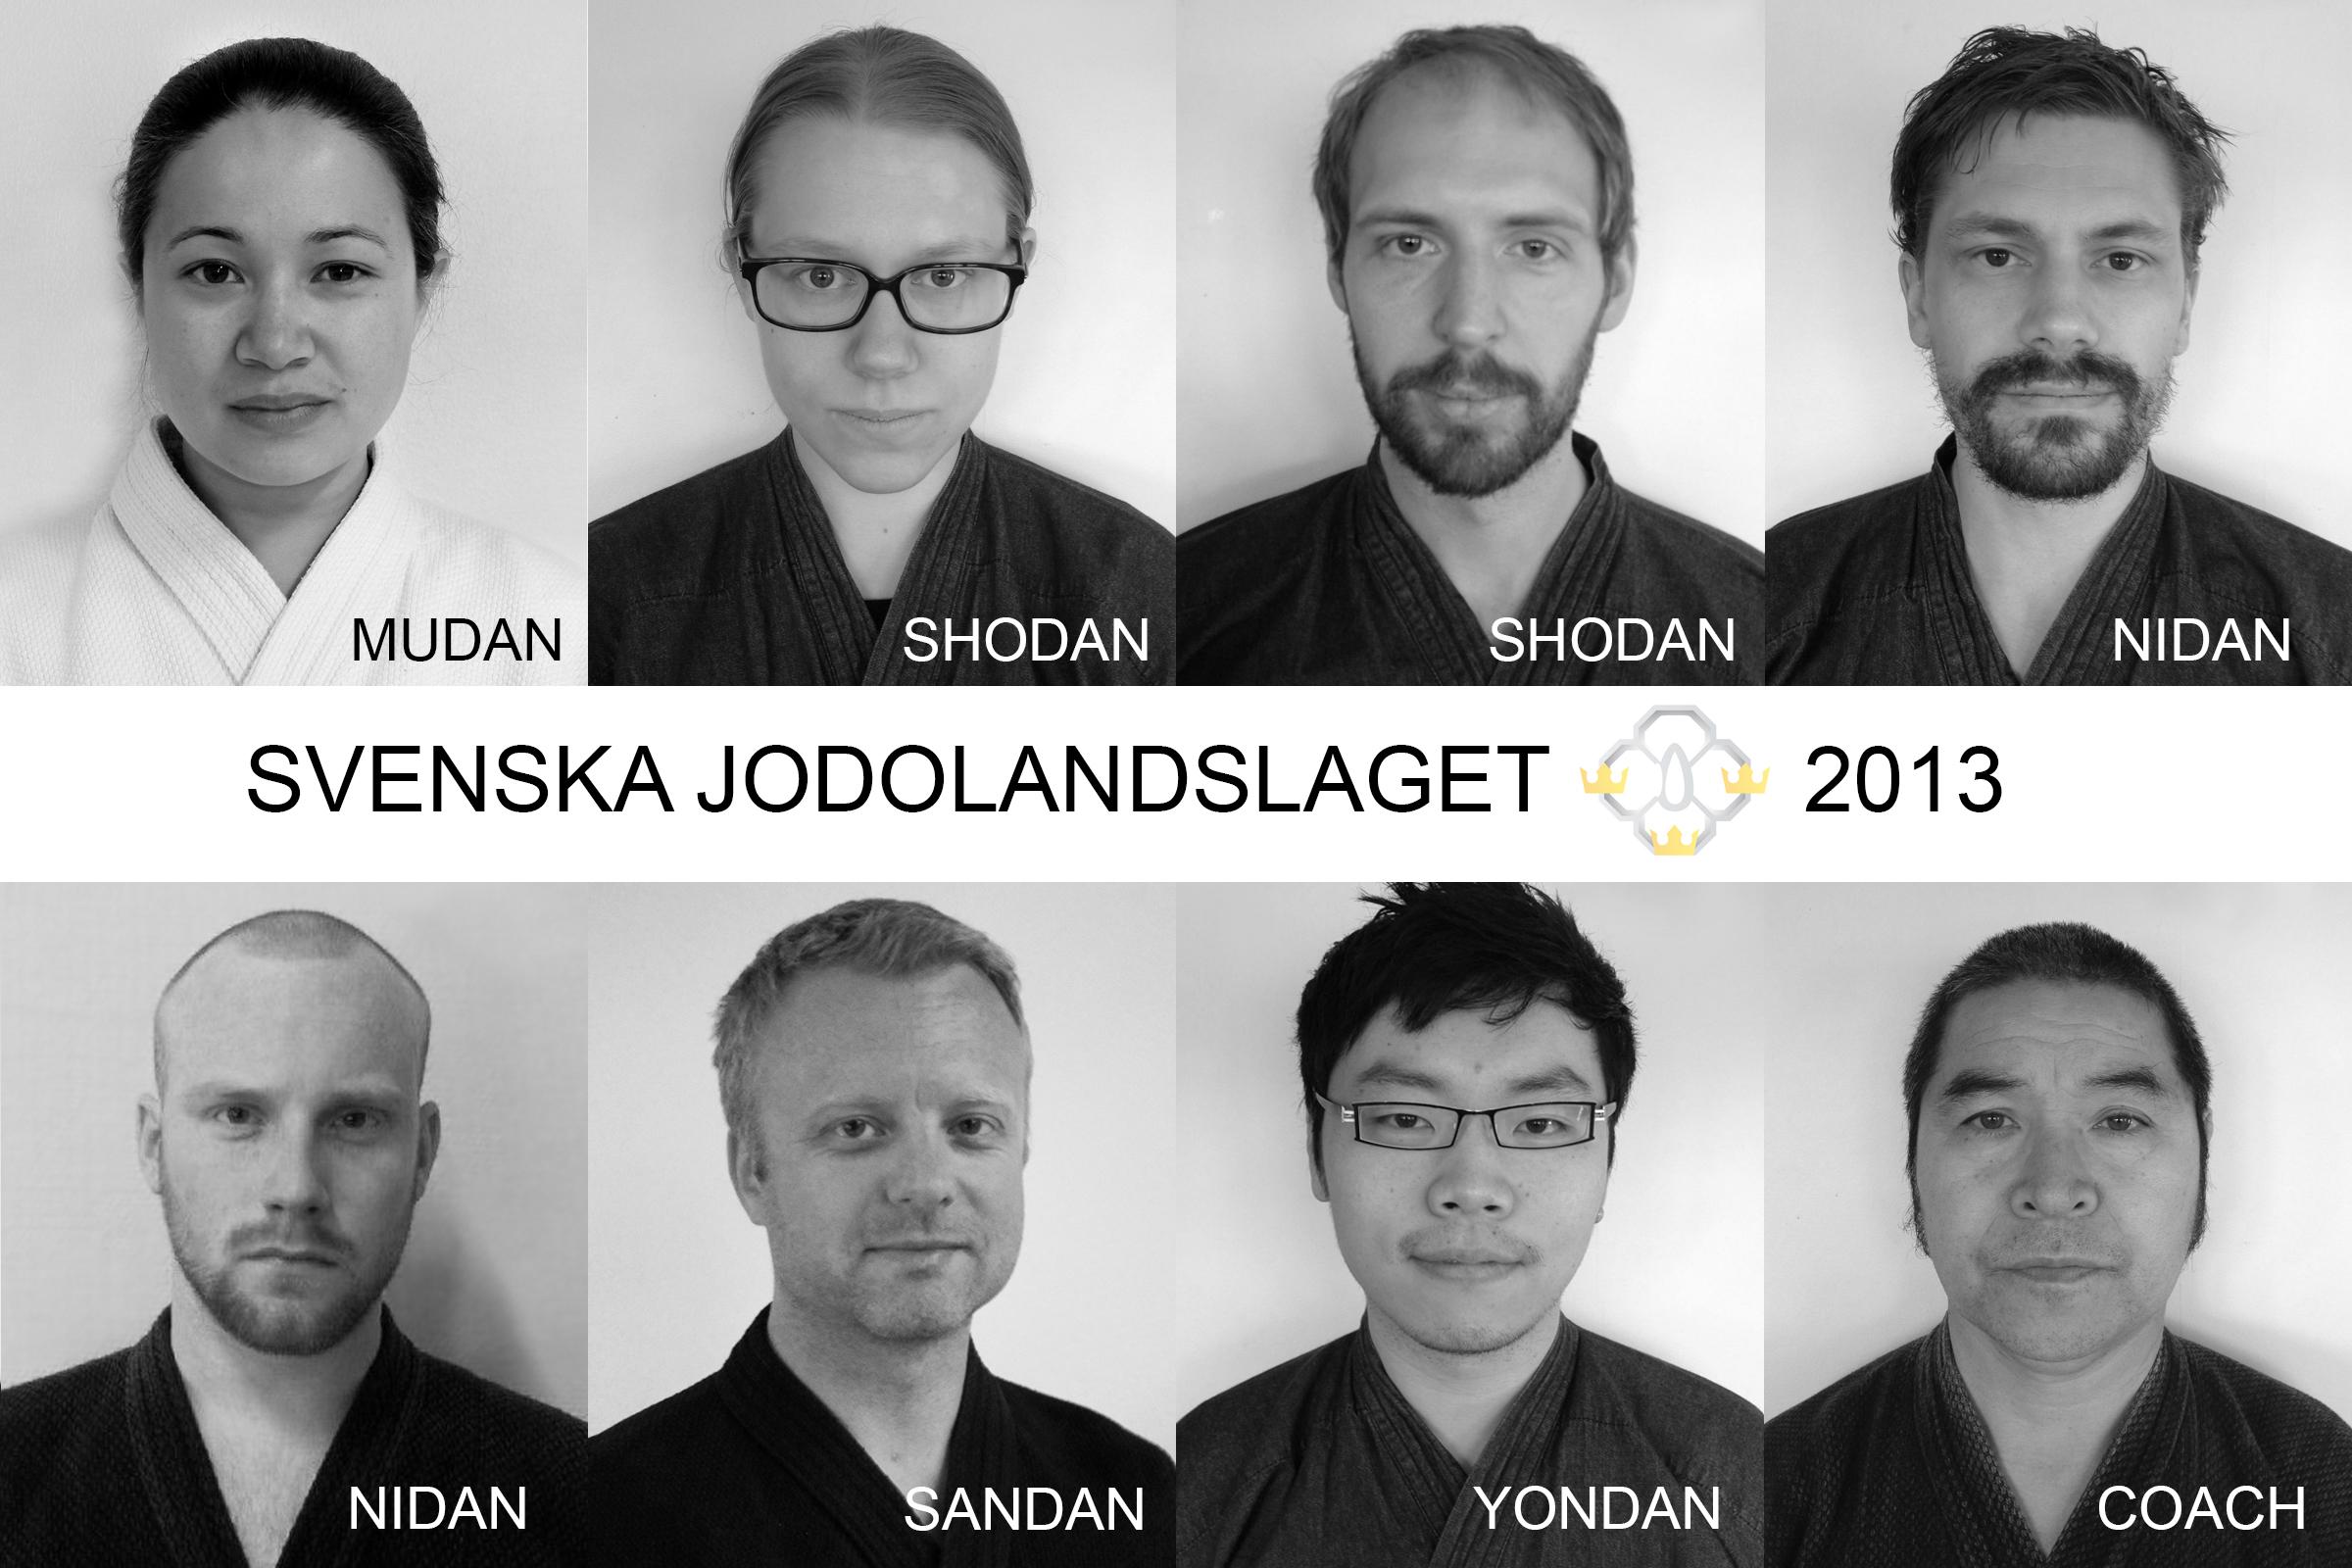 jodolandslaget 2013